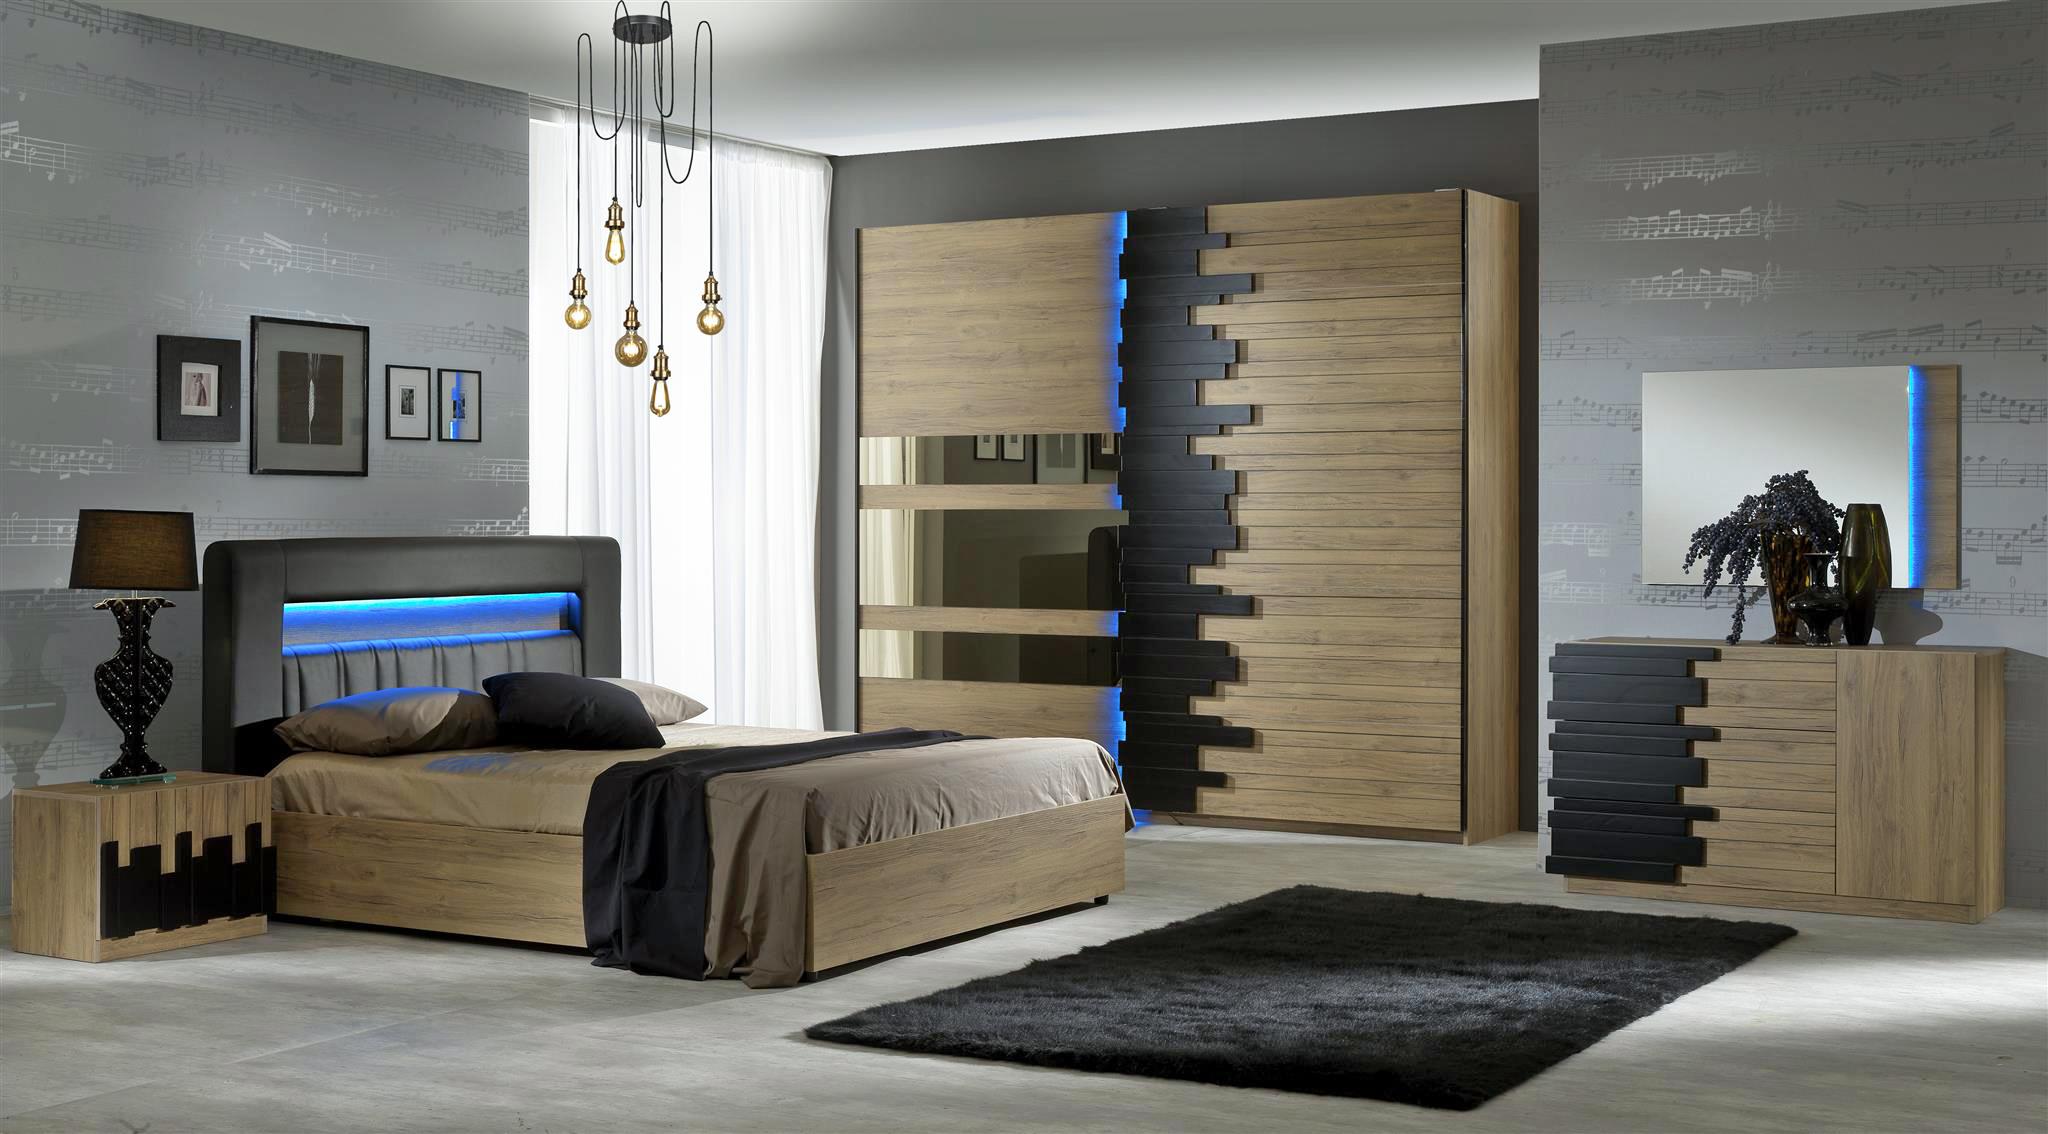 Full Size of Schlafzimmer Set Günstig Günstige Betten 180x200 Tapeten Landhausstil Teppich Weiß Günstiges Sofa Küche Mit Elektrogeräten Matratze Und Lattenrost Kaufen Schlafzimmer Schlafzimmer Set Günstig